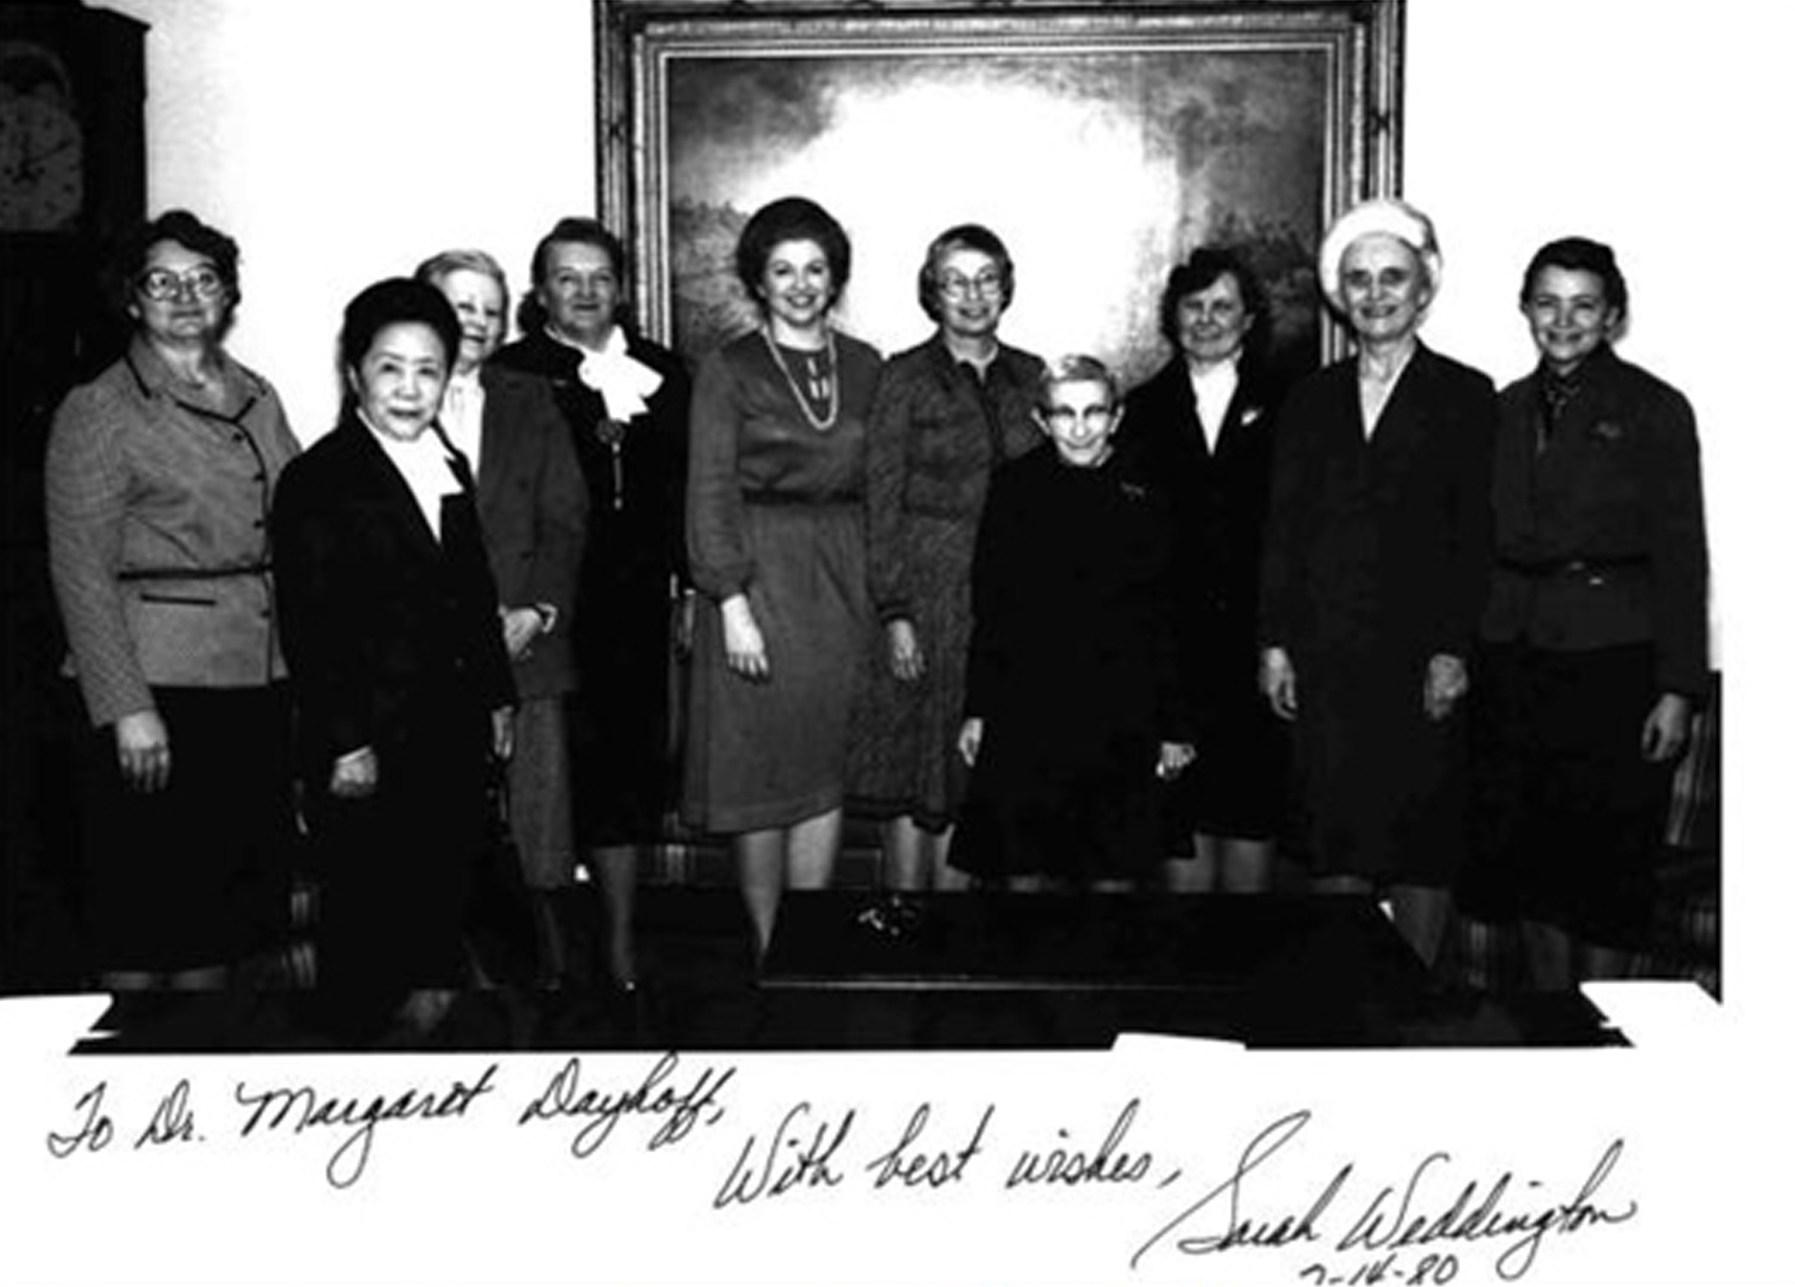 Nove scienziate vengono ricevute alla Casa Bianca il 14 Febbraio 1980. Credit: Stemwomen.net.